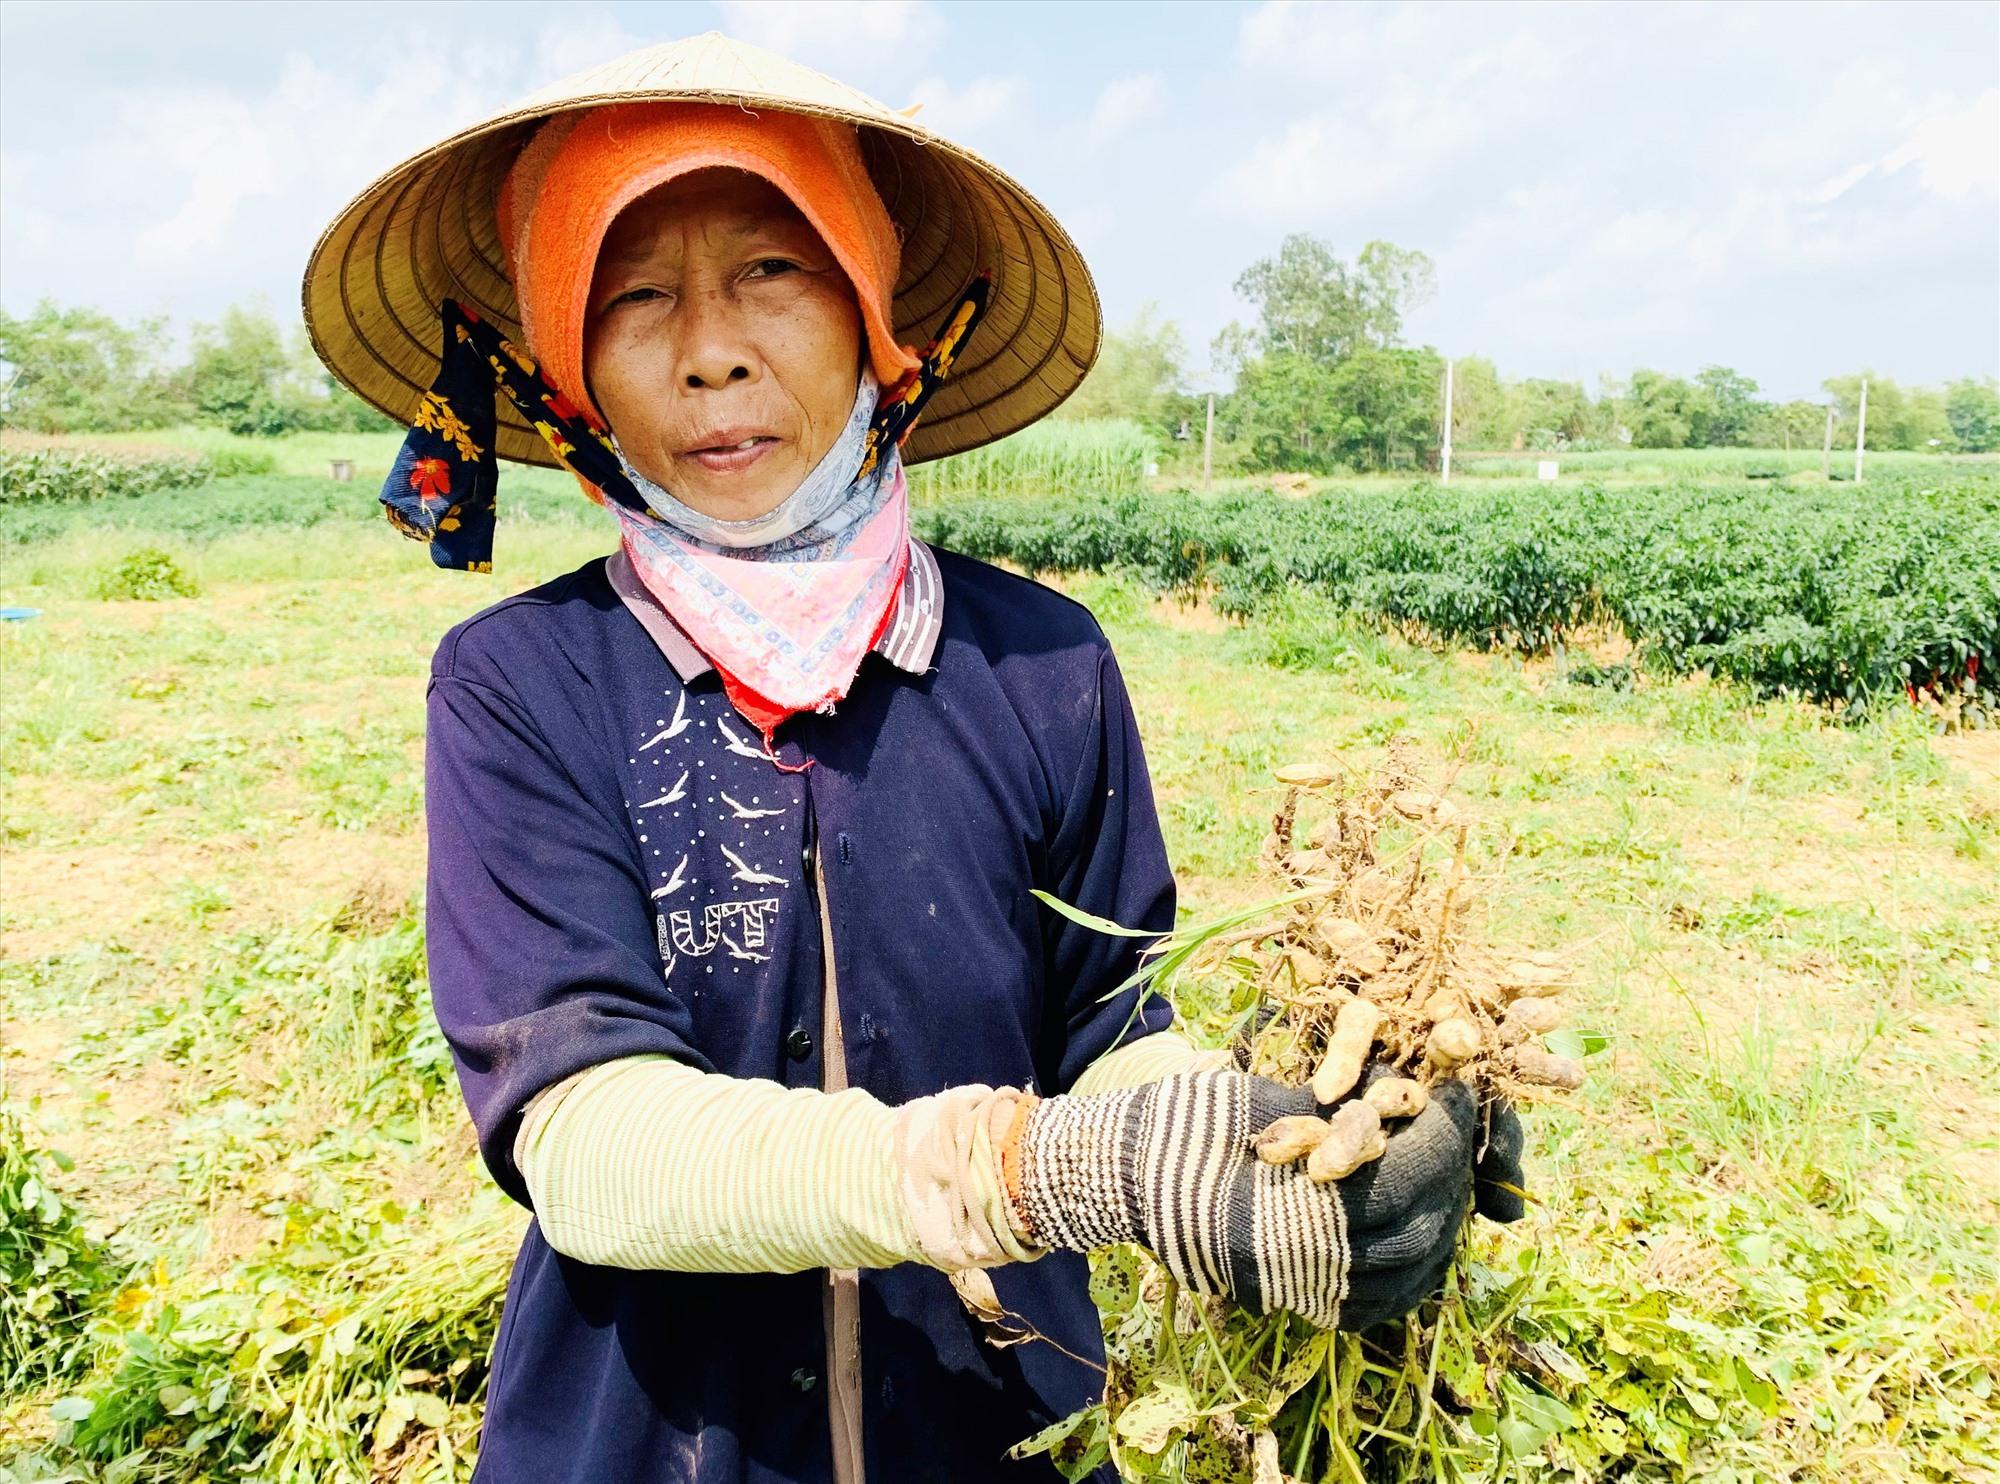 Nhiều hộ dân ở Duy Xuyên cho biết năng suất đậu phụng tụt giảm so với đông xuân năm ngoái. Ảnh: T.L